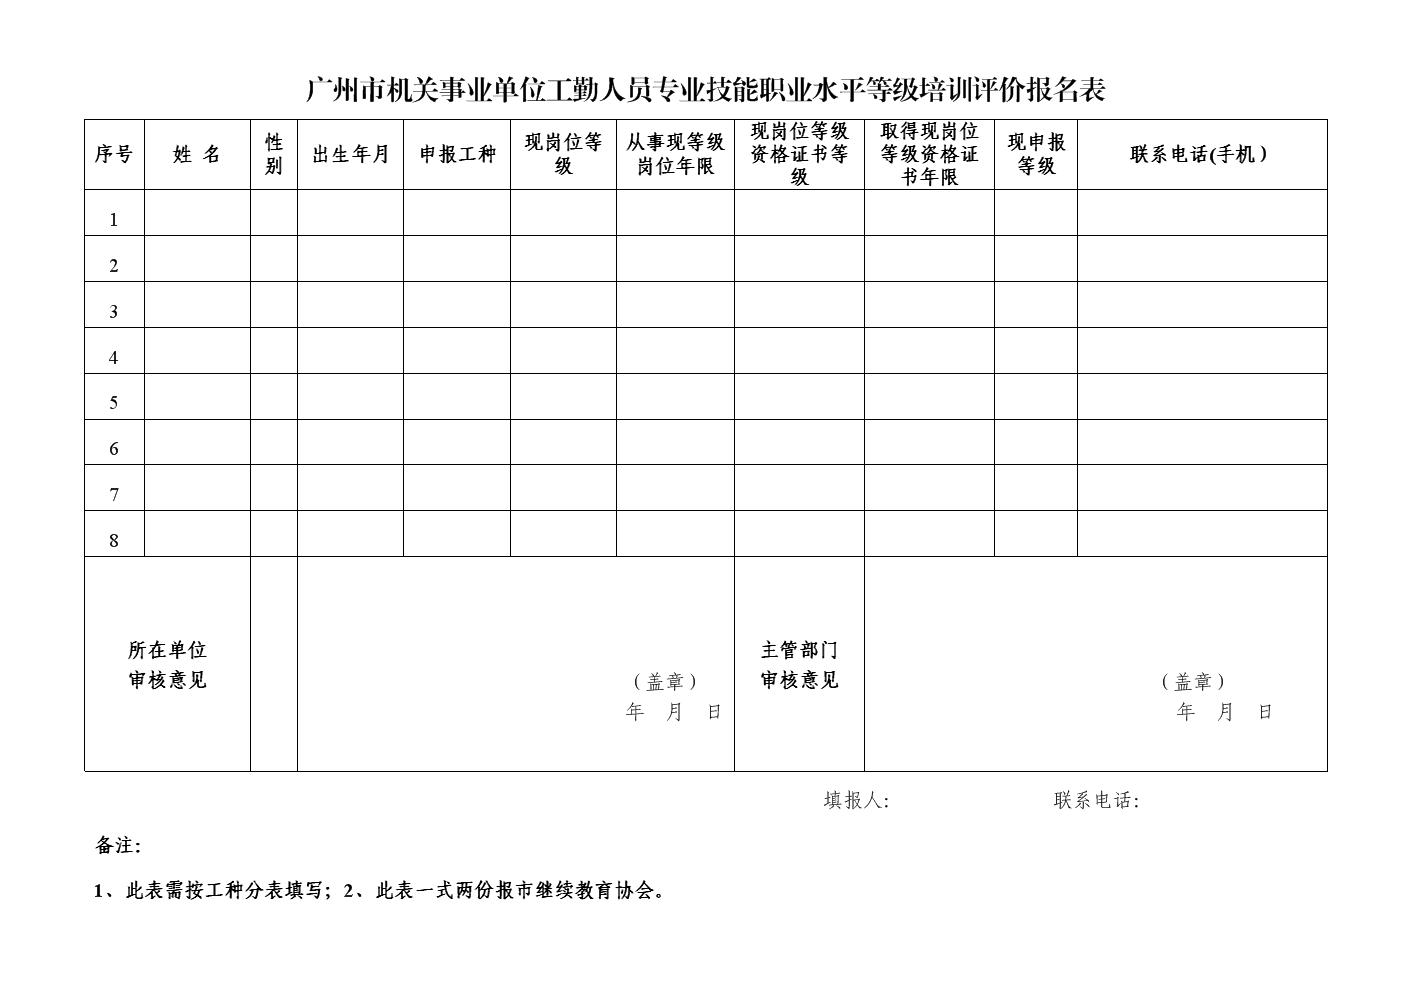 广州市机关事业单位工勤人员专业技能职业水平等级培训评价.doc